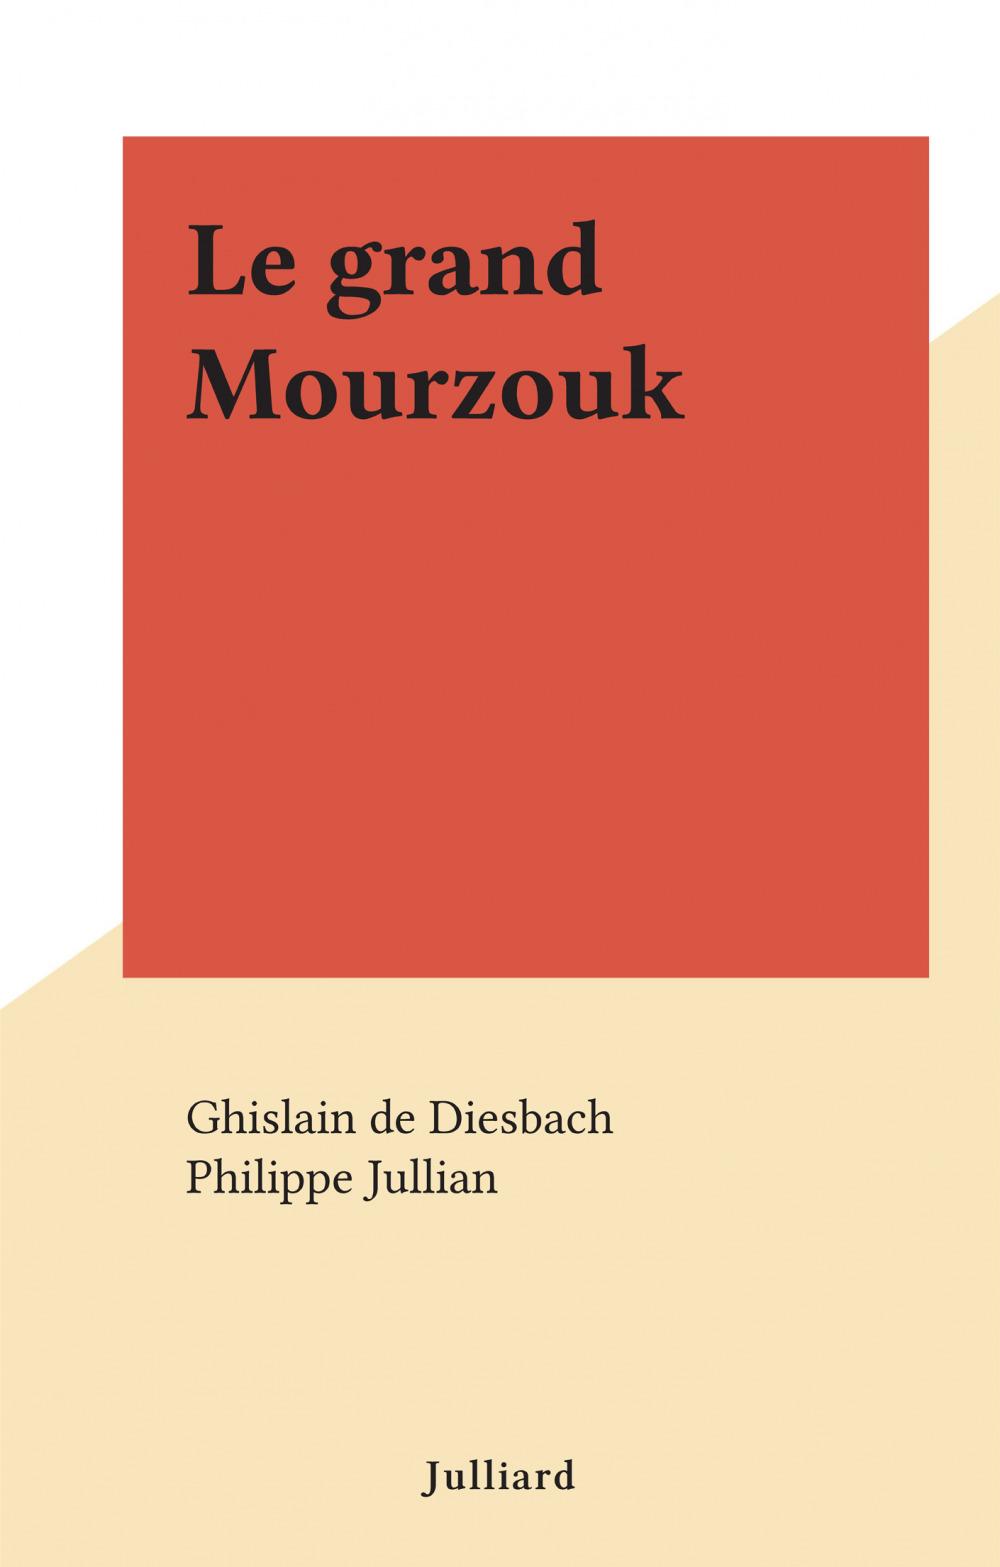 Le grand Mourzouk